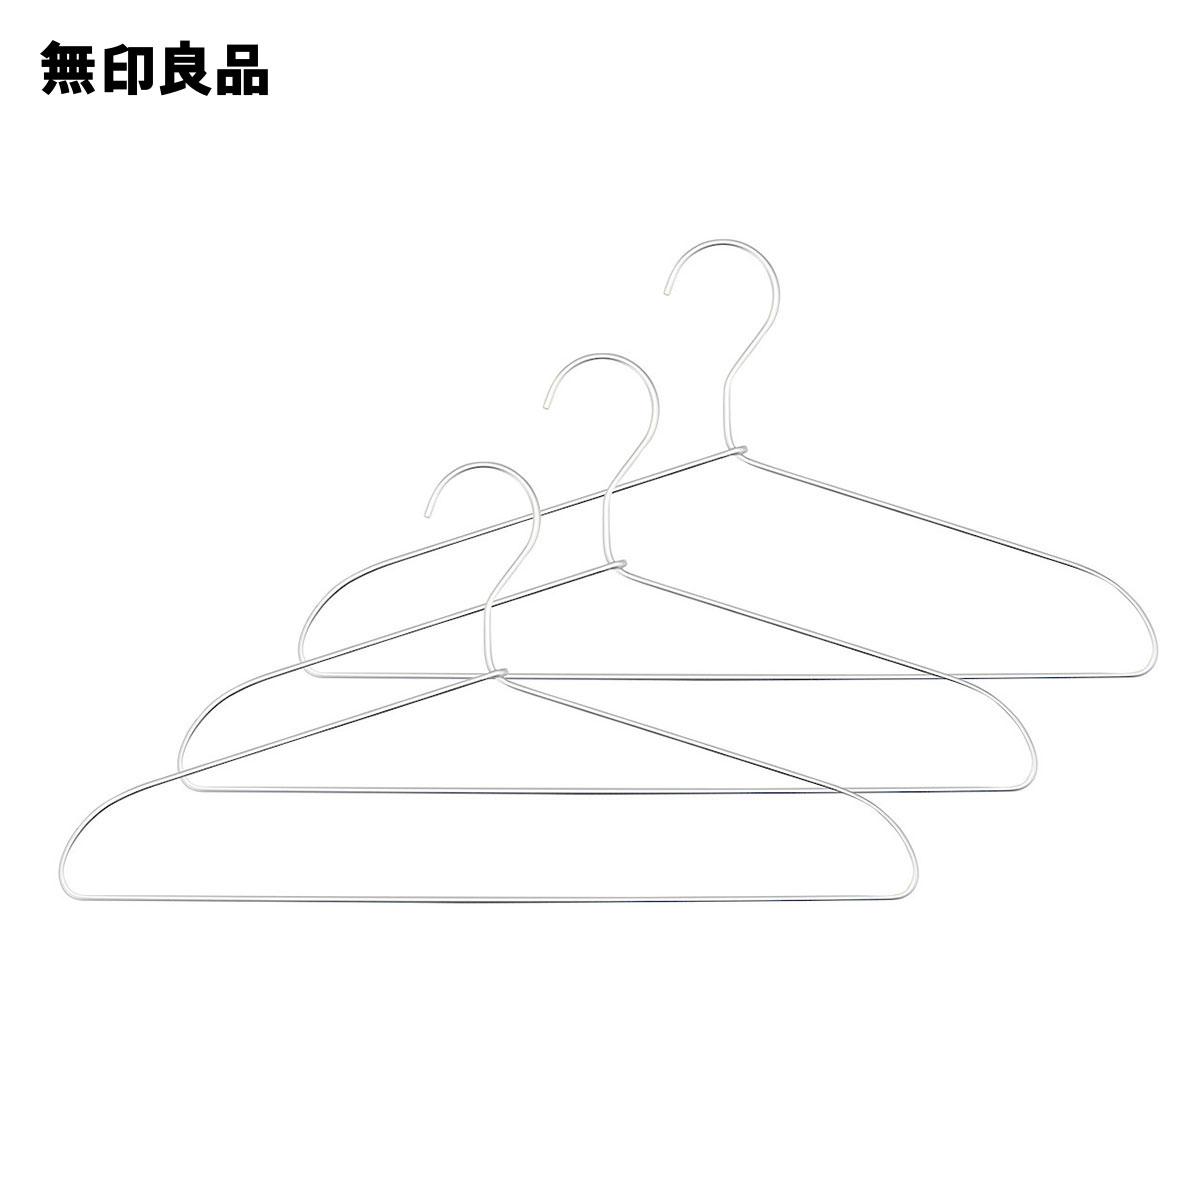 【無印良品 公式】 アルミ洗濯用ハンガー・3本組 約幅41cm